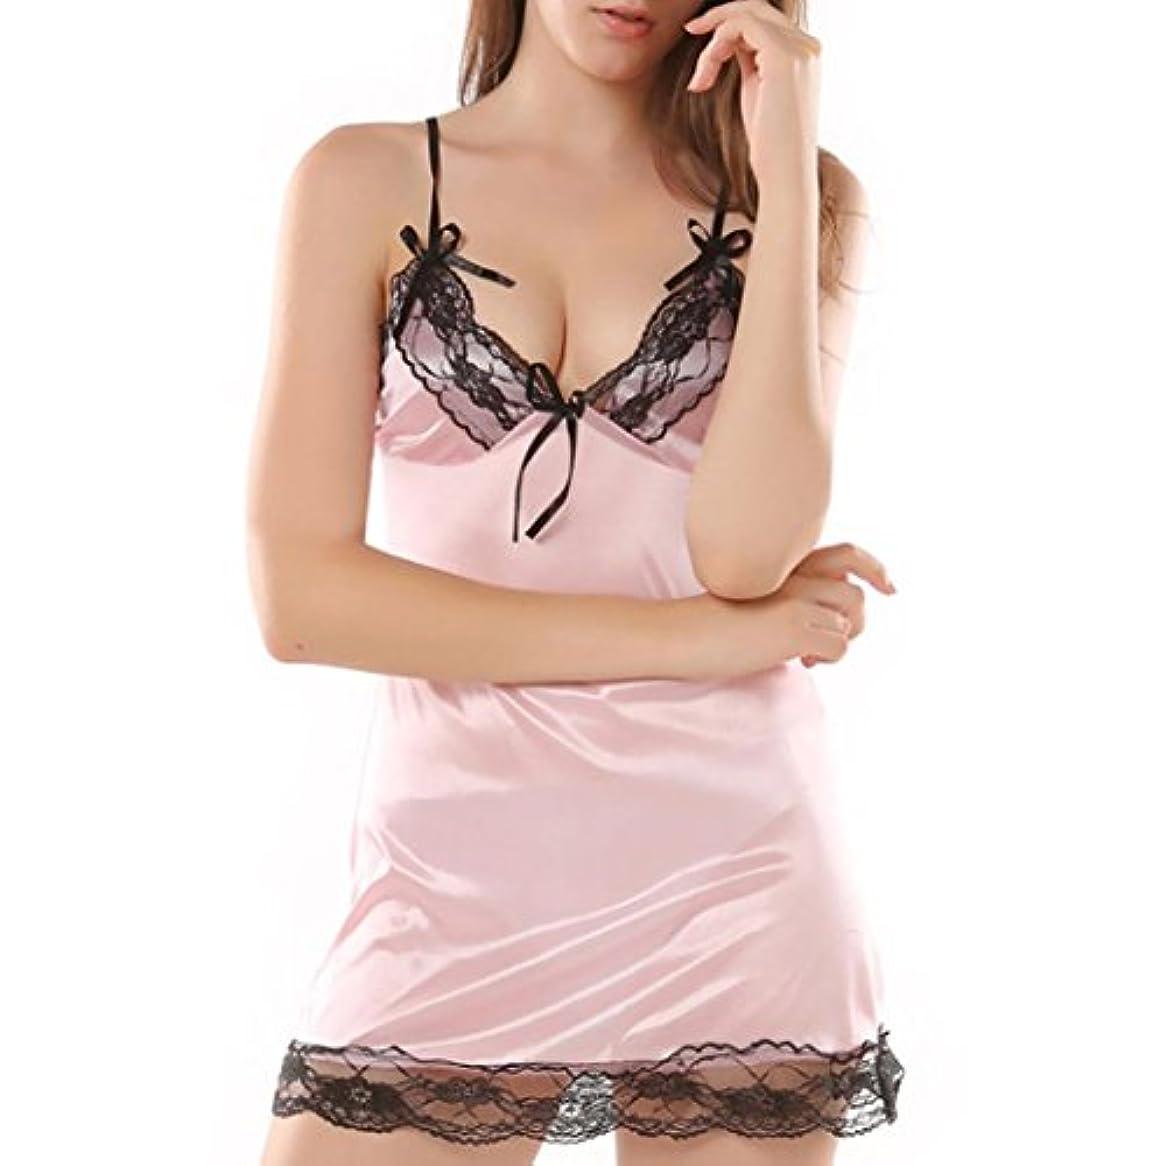 活発ベスビオ山悪名高いMhomzawa レースの下着ファッションセクシープラスサイズの服は下着の寝巻の誘惑